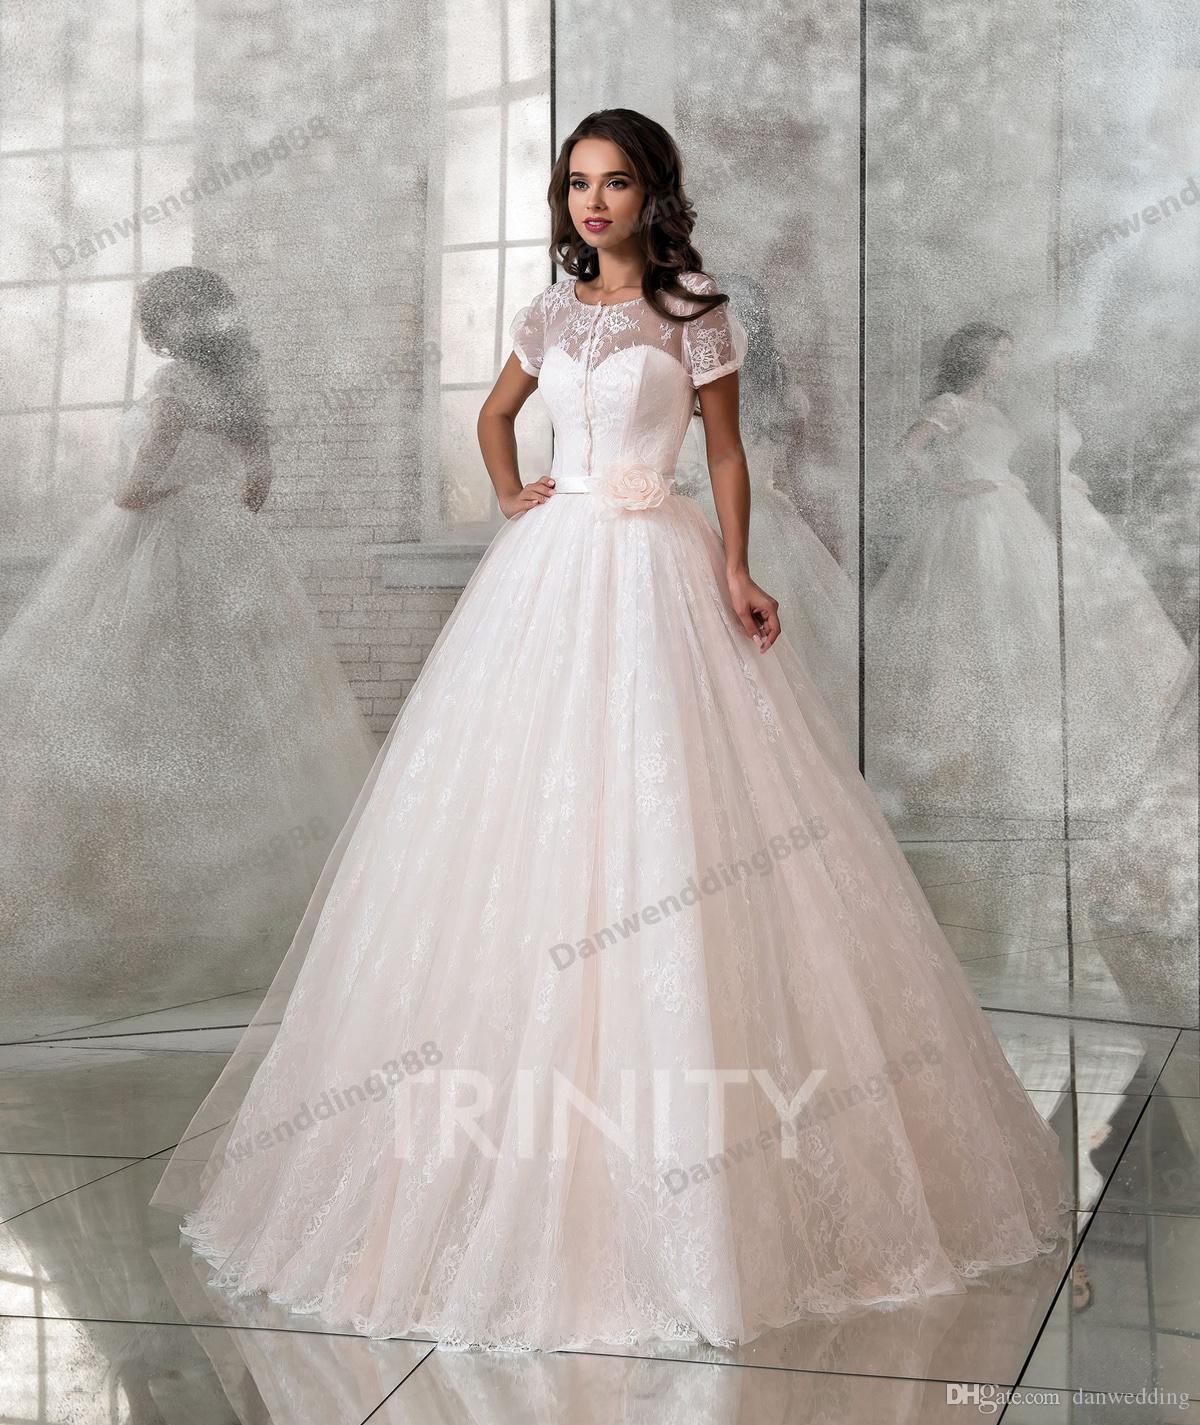 Boda Blanco Desfile Vestidos Nupcial Envoltura Compre Tamaño Una De Encaje Novia Libre Línea Personalizado Rosa Claro OSww7qCx